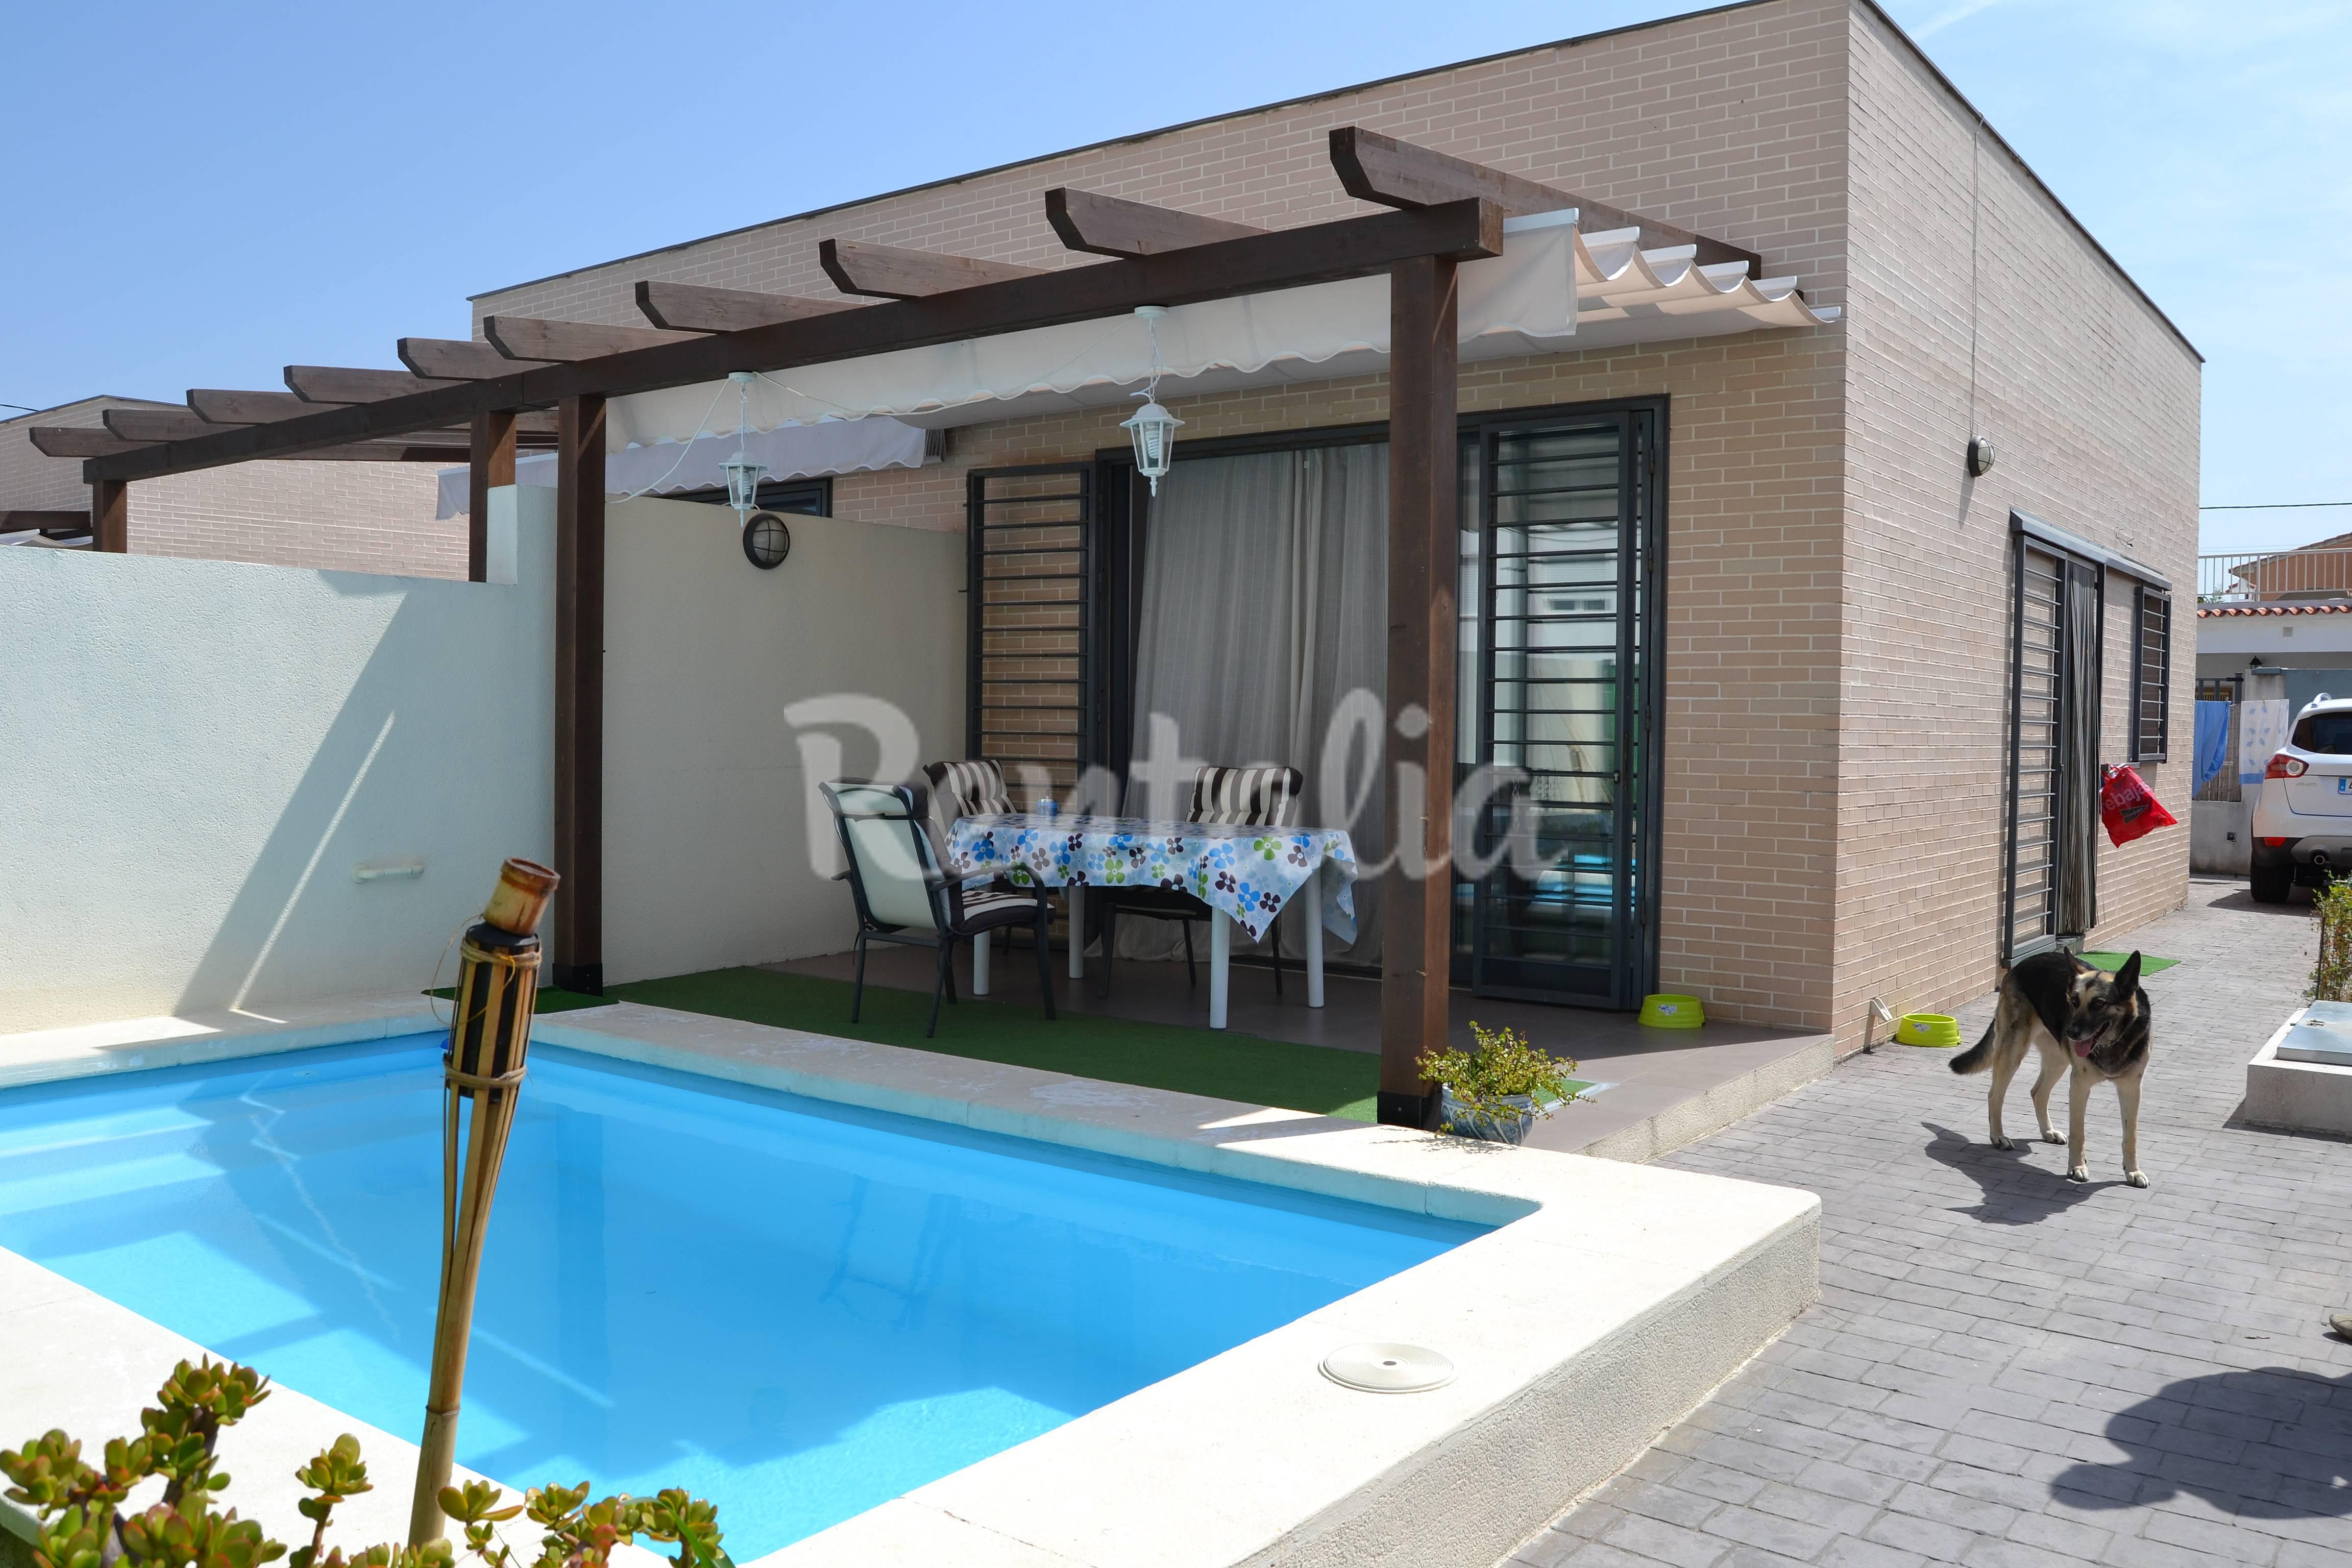 Casa en alquiler a 150 m de la playa oliva playa oliva for Casas en alquiler para vacaciones con piscina privada